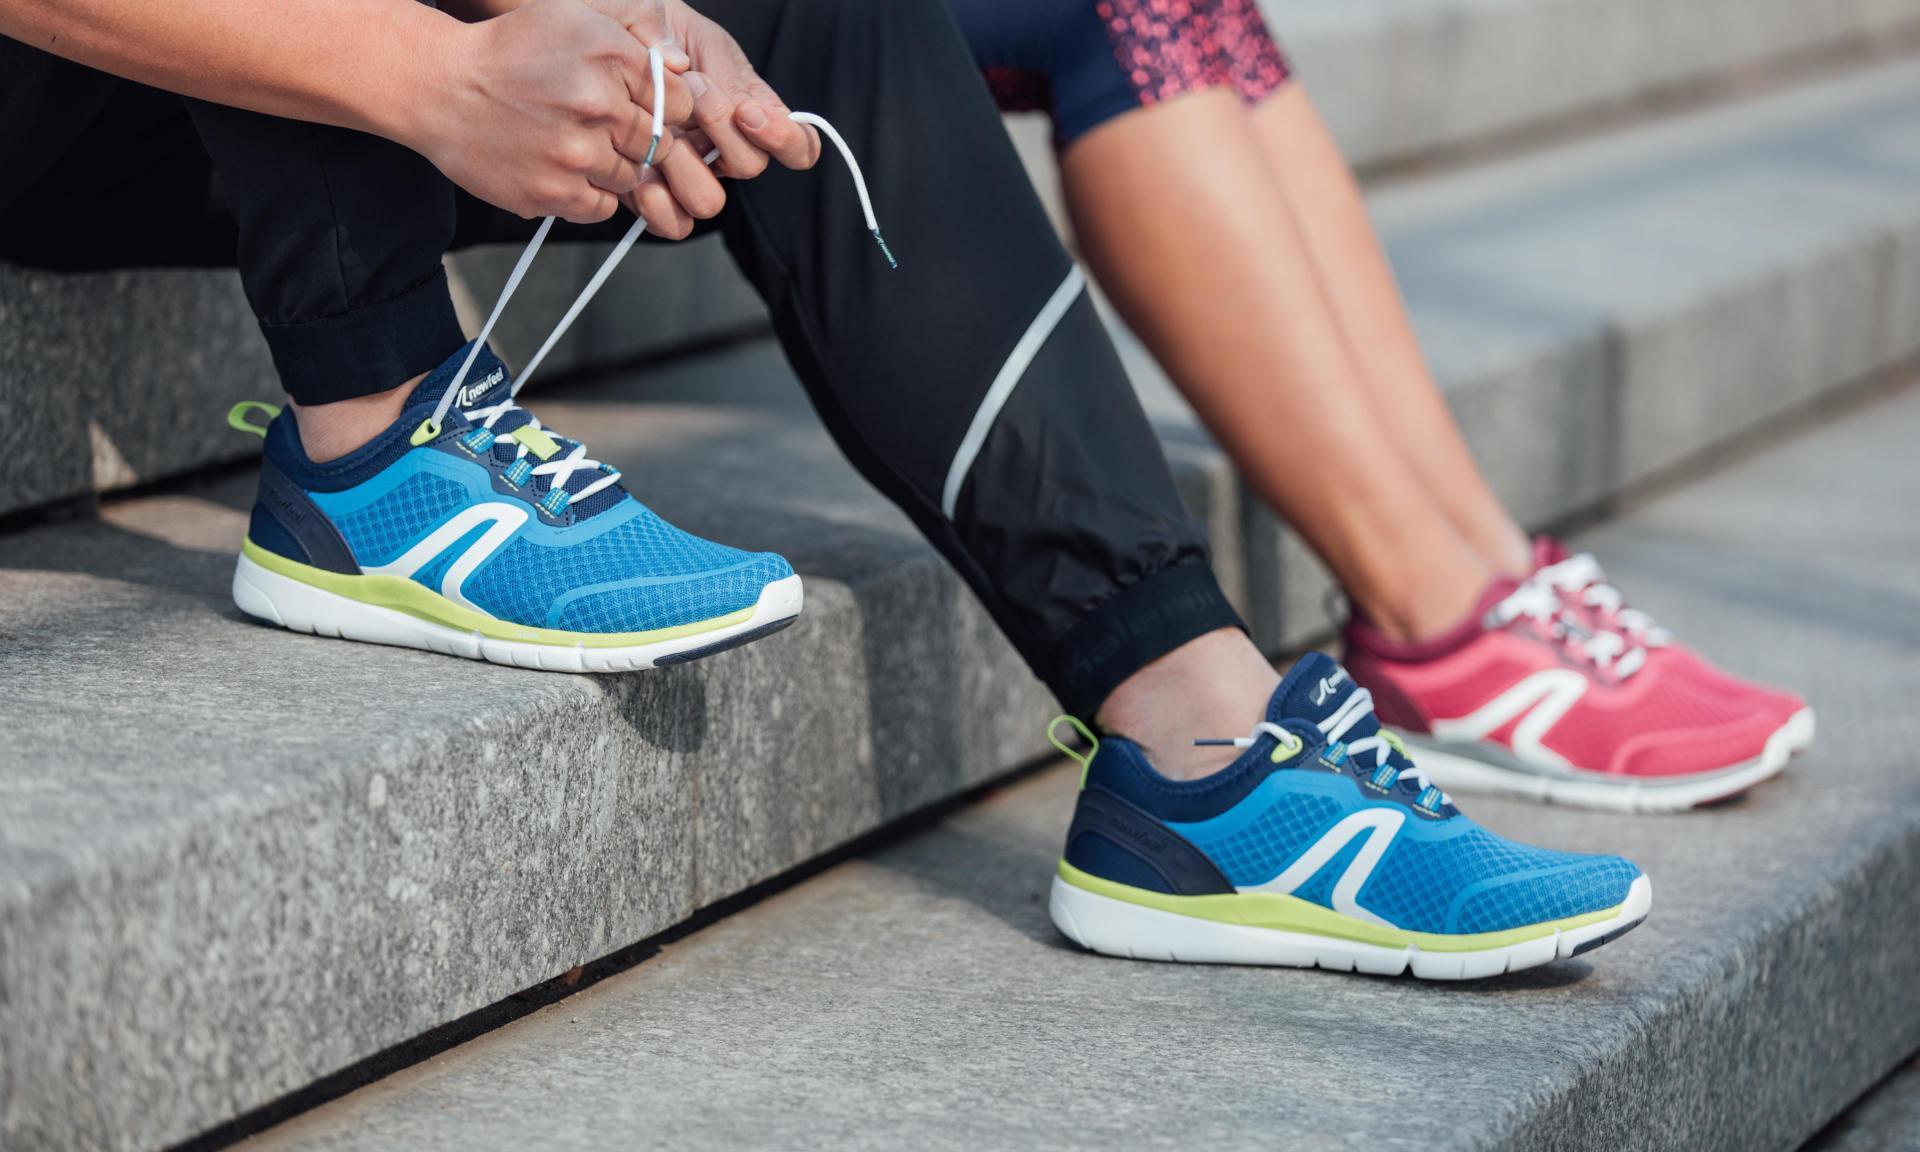 Sportive Bien Comment Ses Choisir Chaussures Marche De SOgOnYx